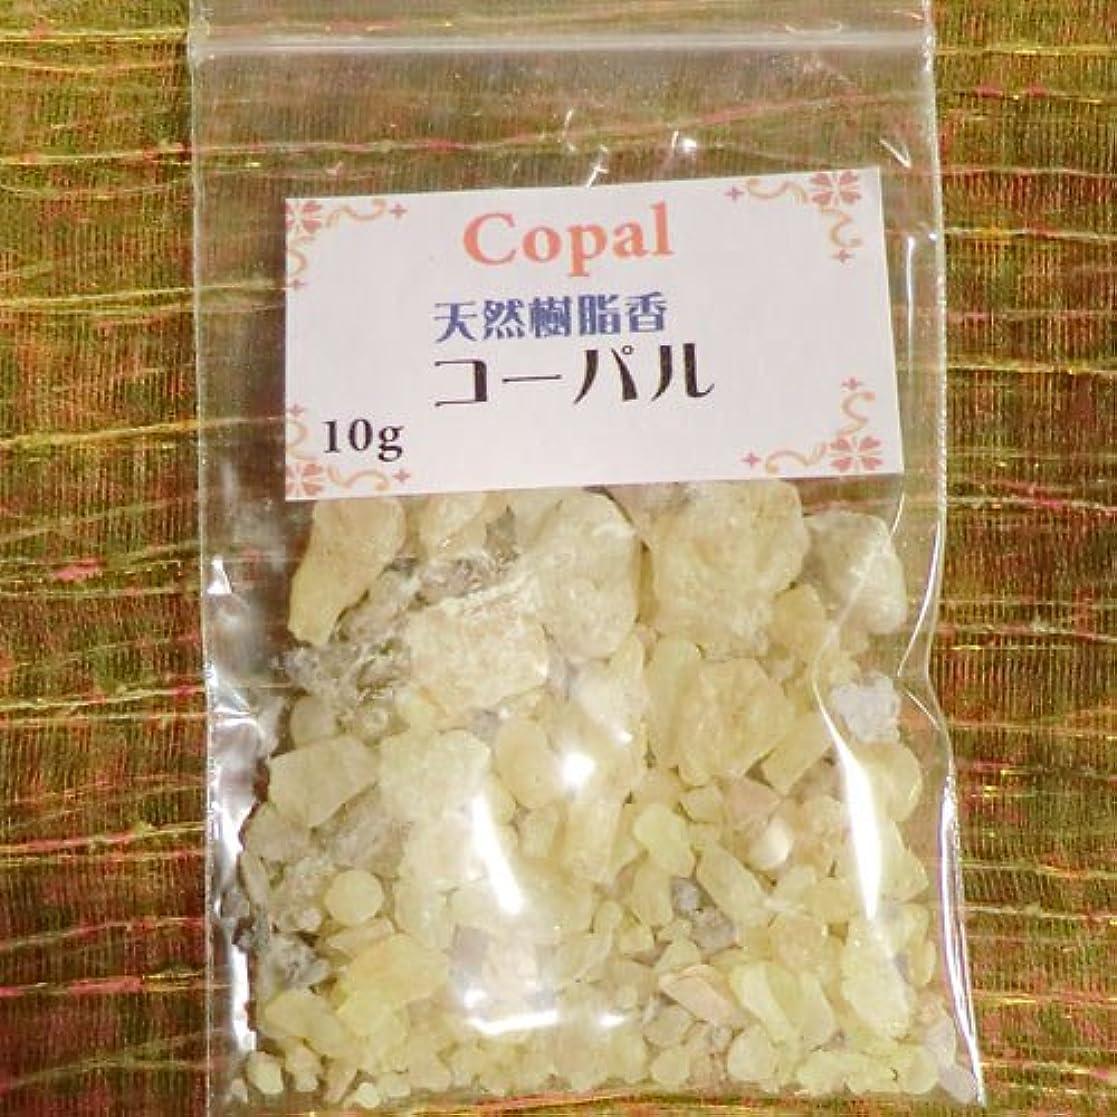 少なくとも突き刺す民間コーパル COPAL (天然樹脂香) (コーパル, 10g)